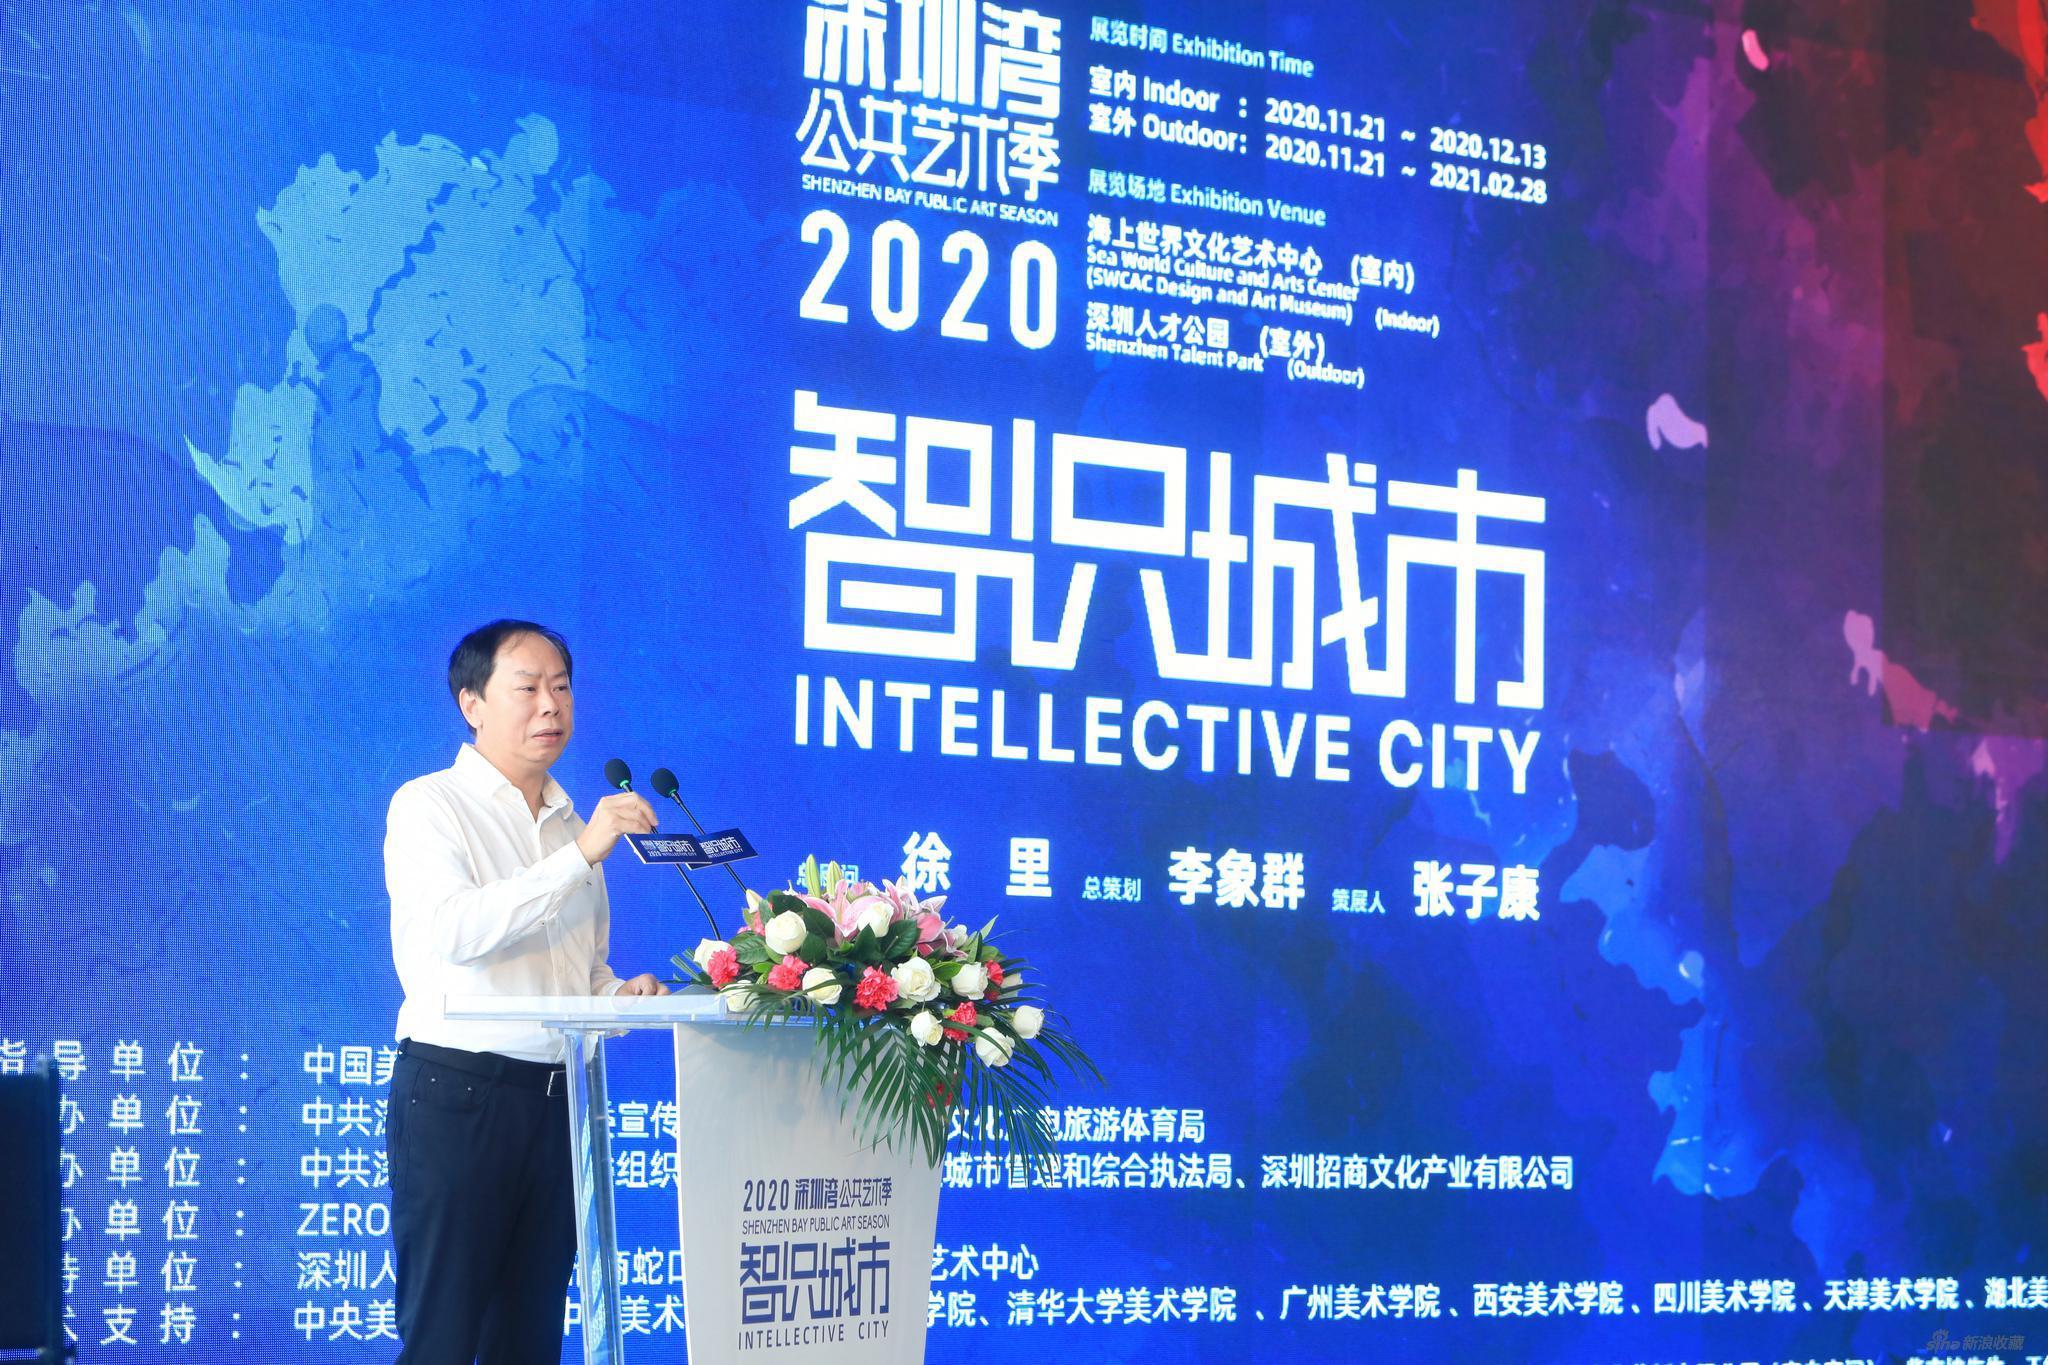 中国美术家协会副主席、广州美术学院院长、广东省美术家协会主席李劲堃 现场发言